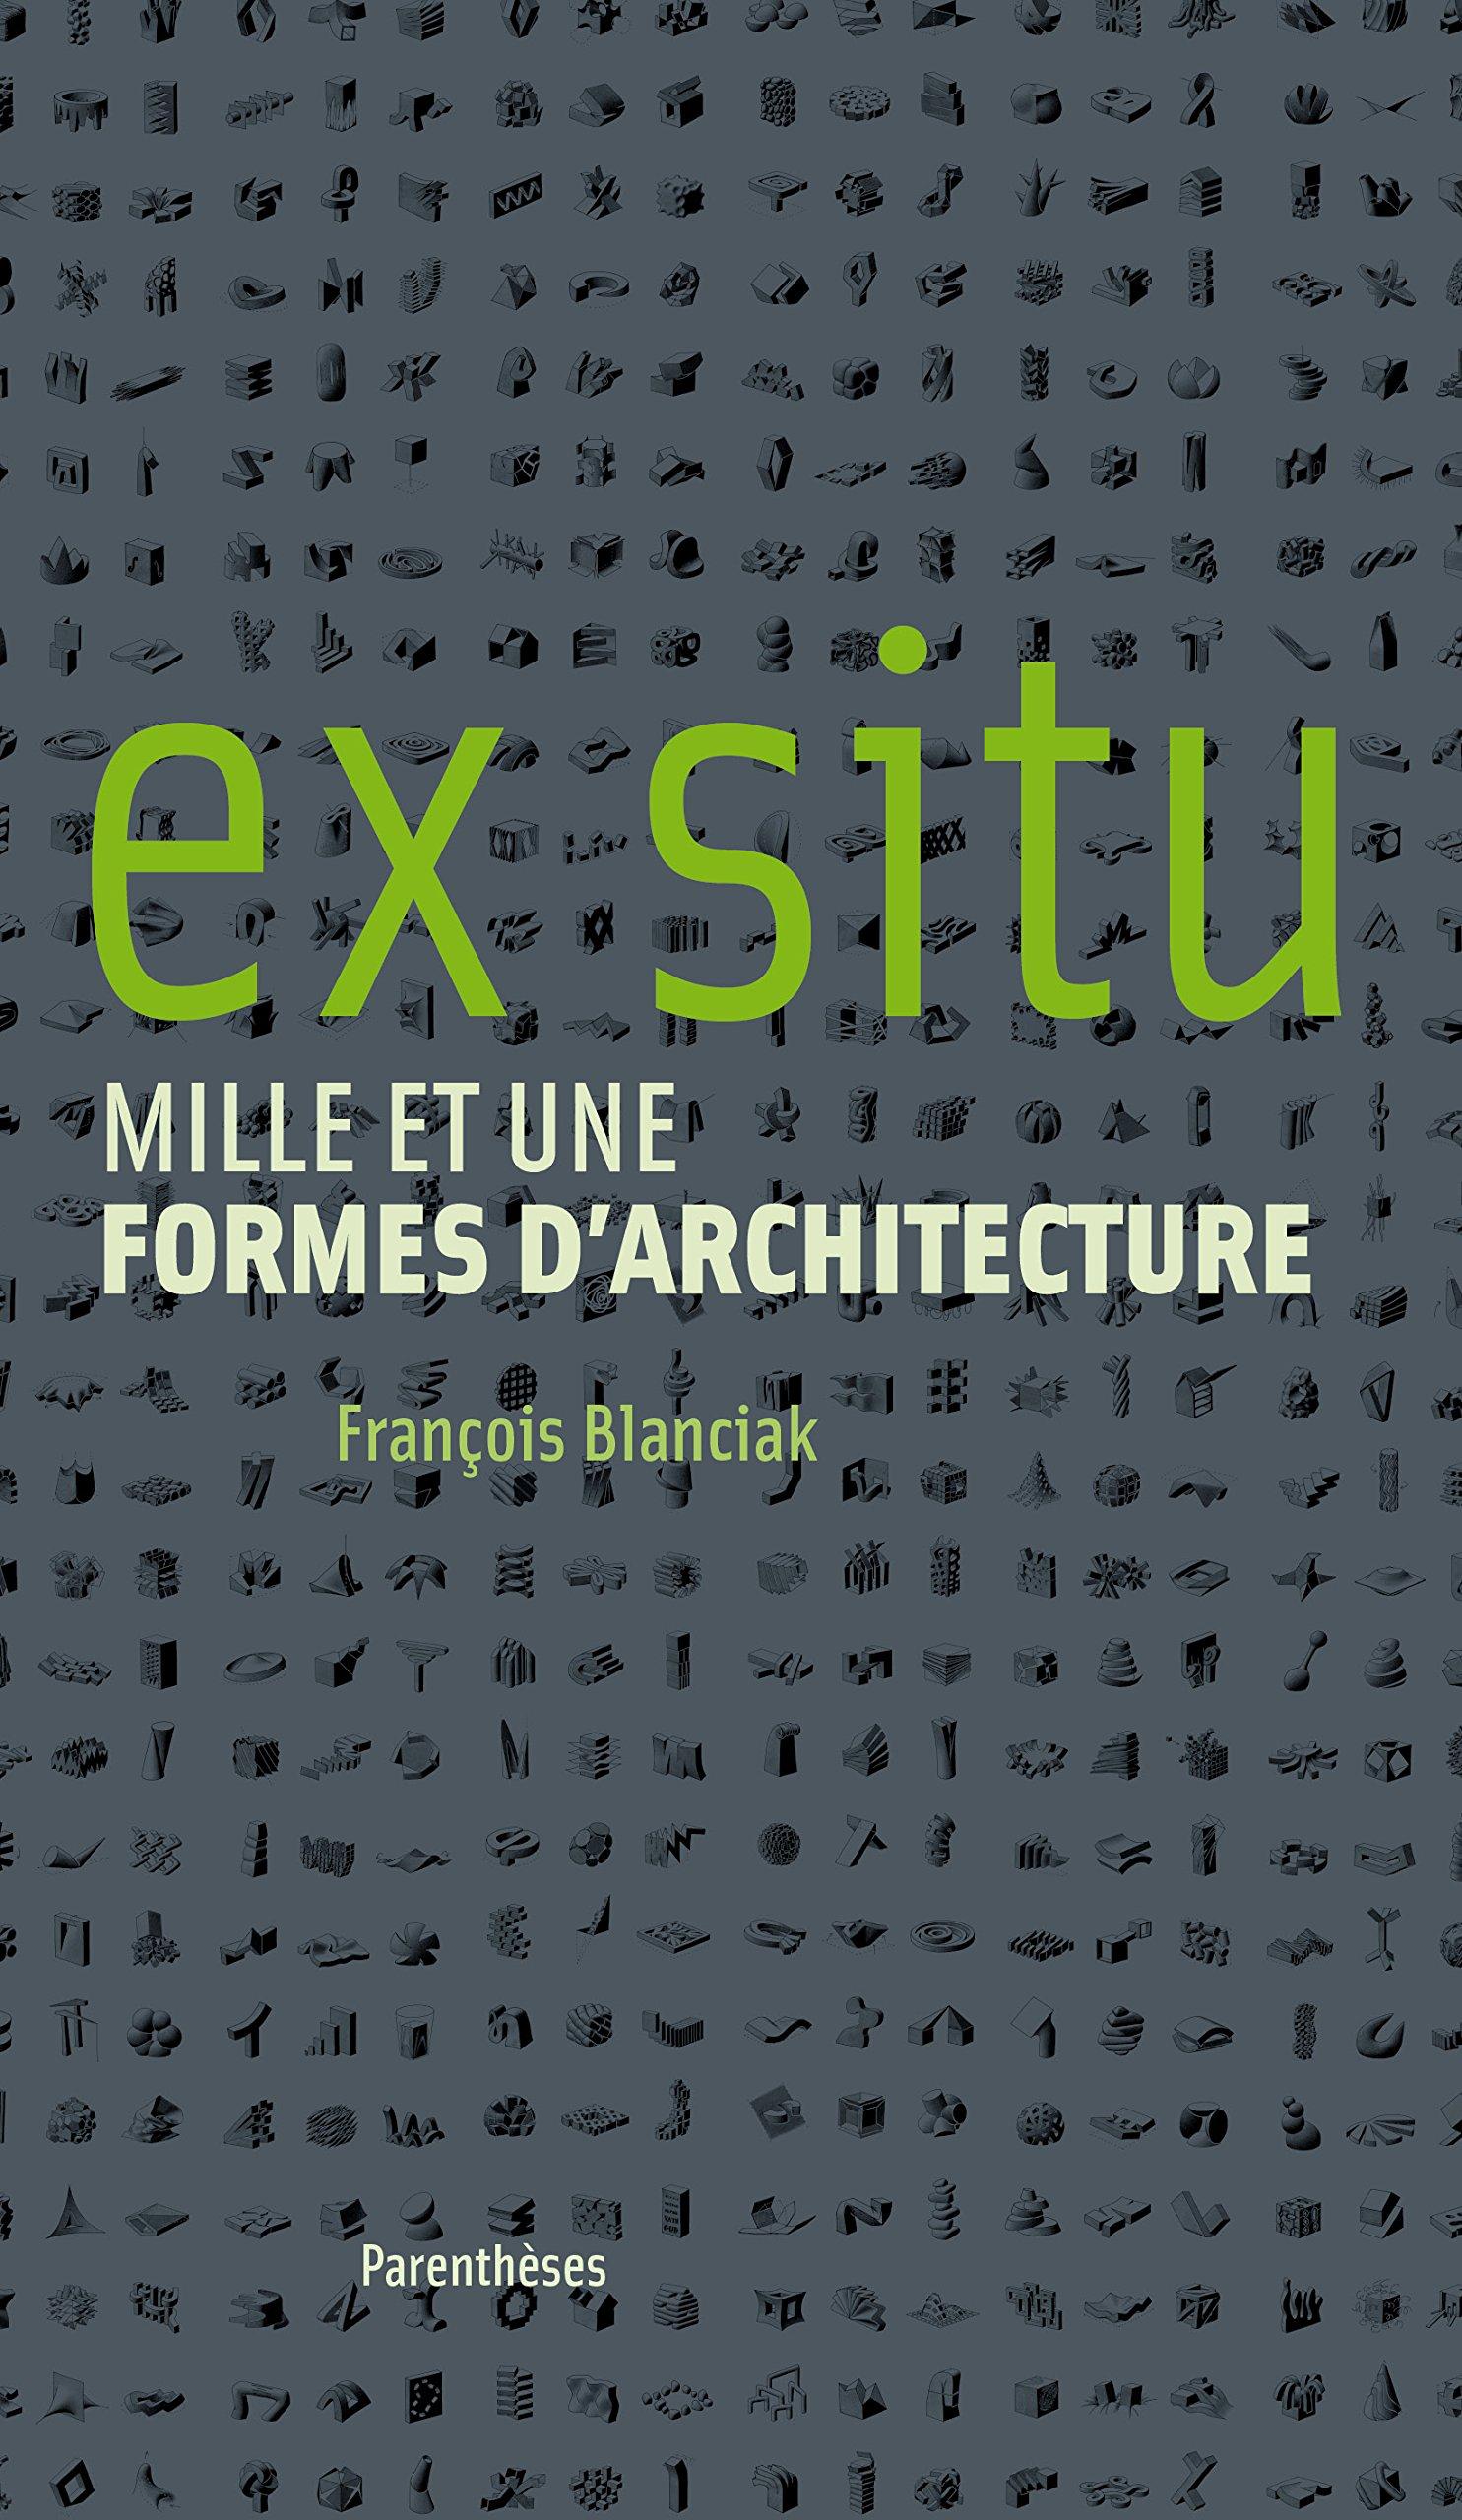 Ex situ : Mille et une formes d'architecture por François Blanciak